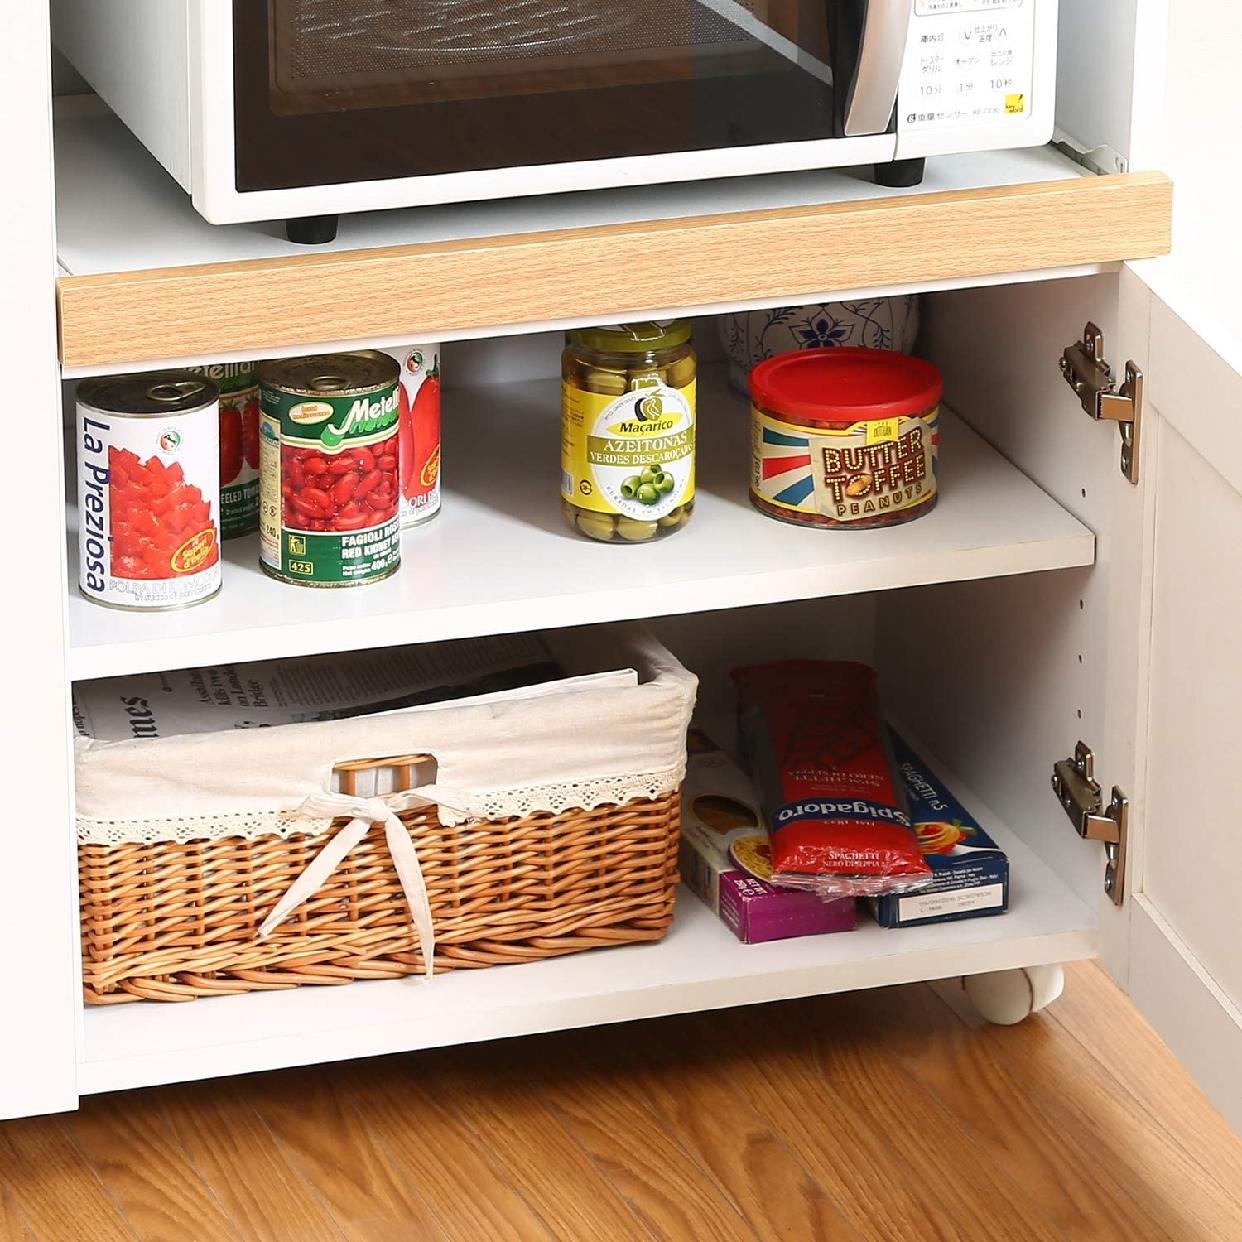 Sage(サージュ)キッチンカウンター 96820 幅120cmの商品画像6